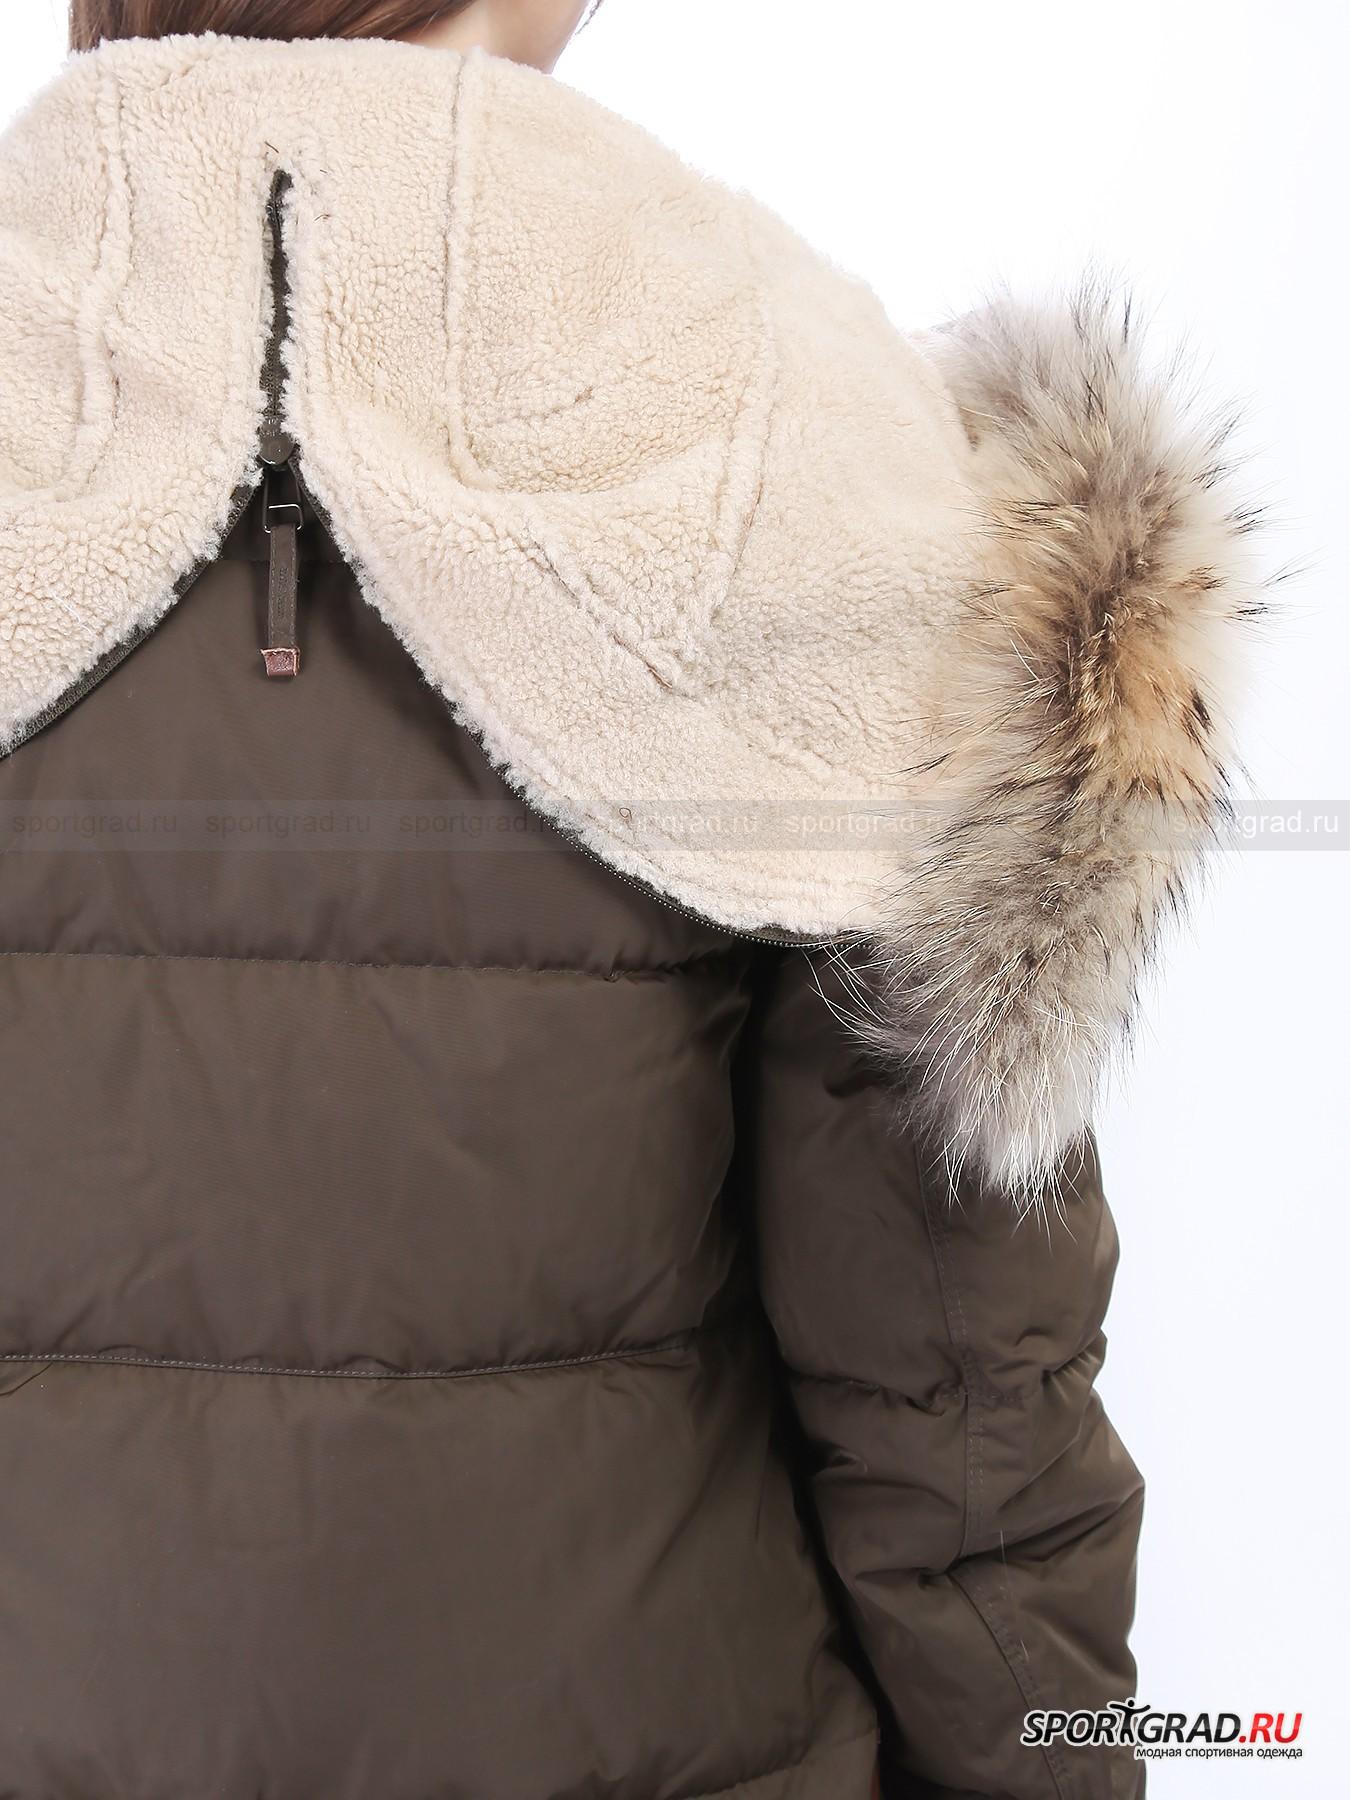 Пальто женское Long Bear Special PARAJUMPERS от Спортград